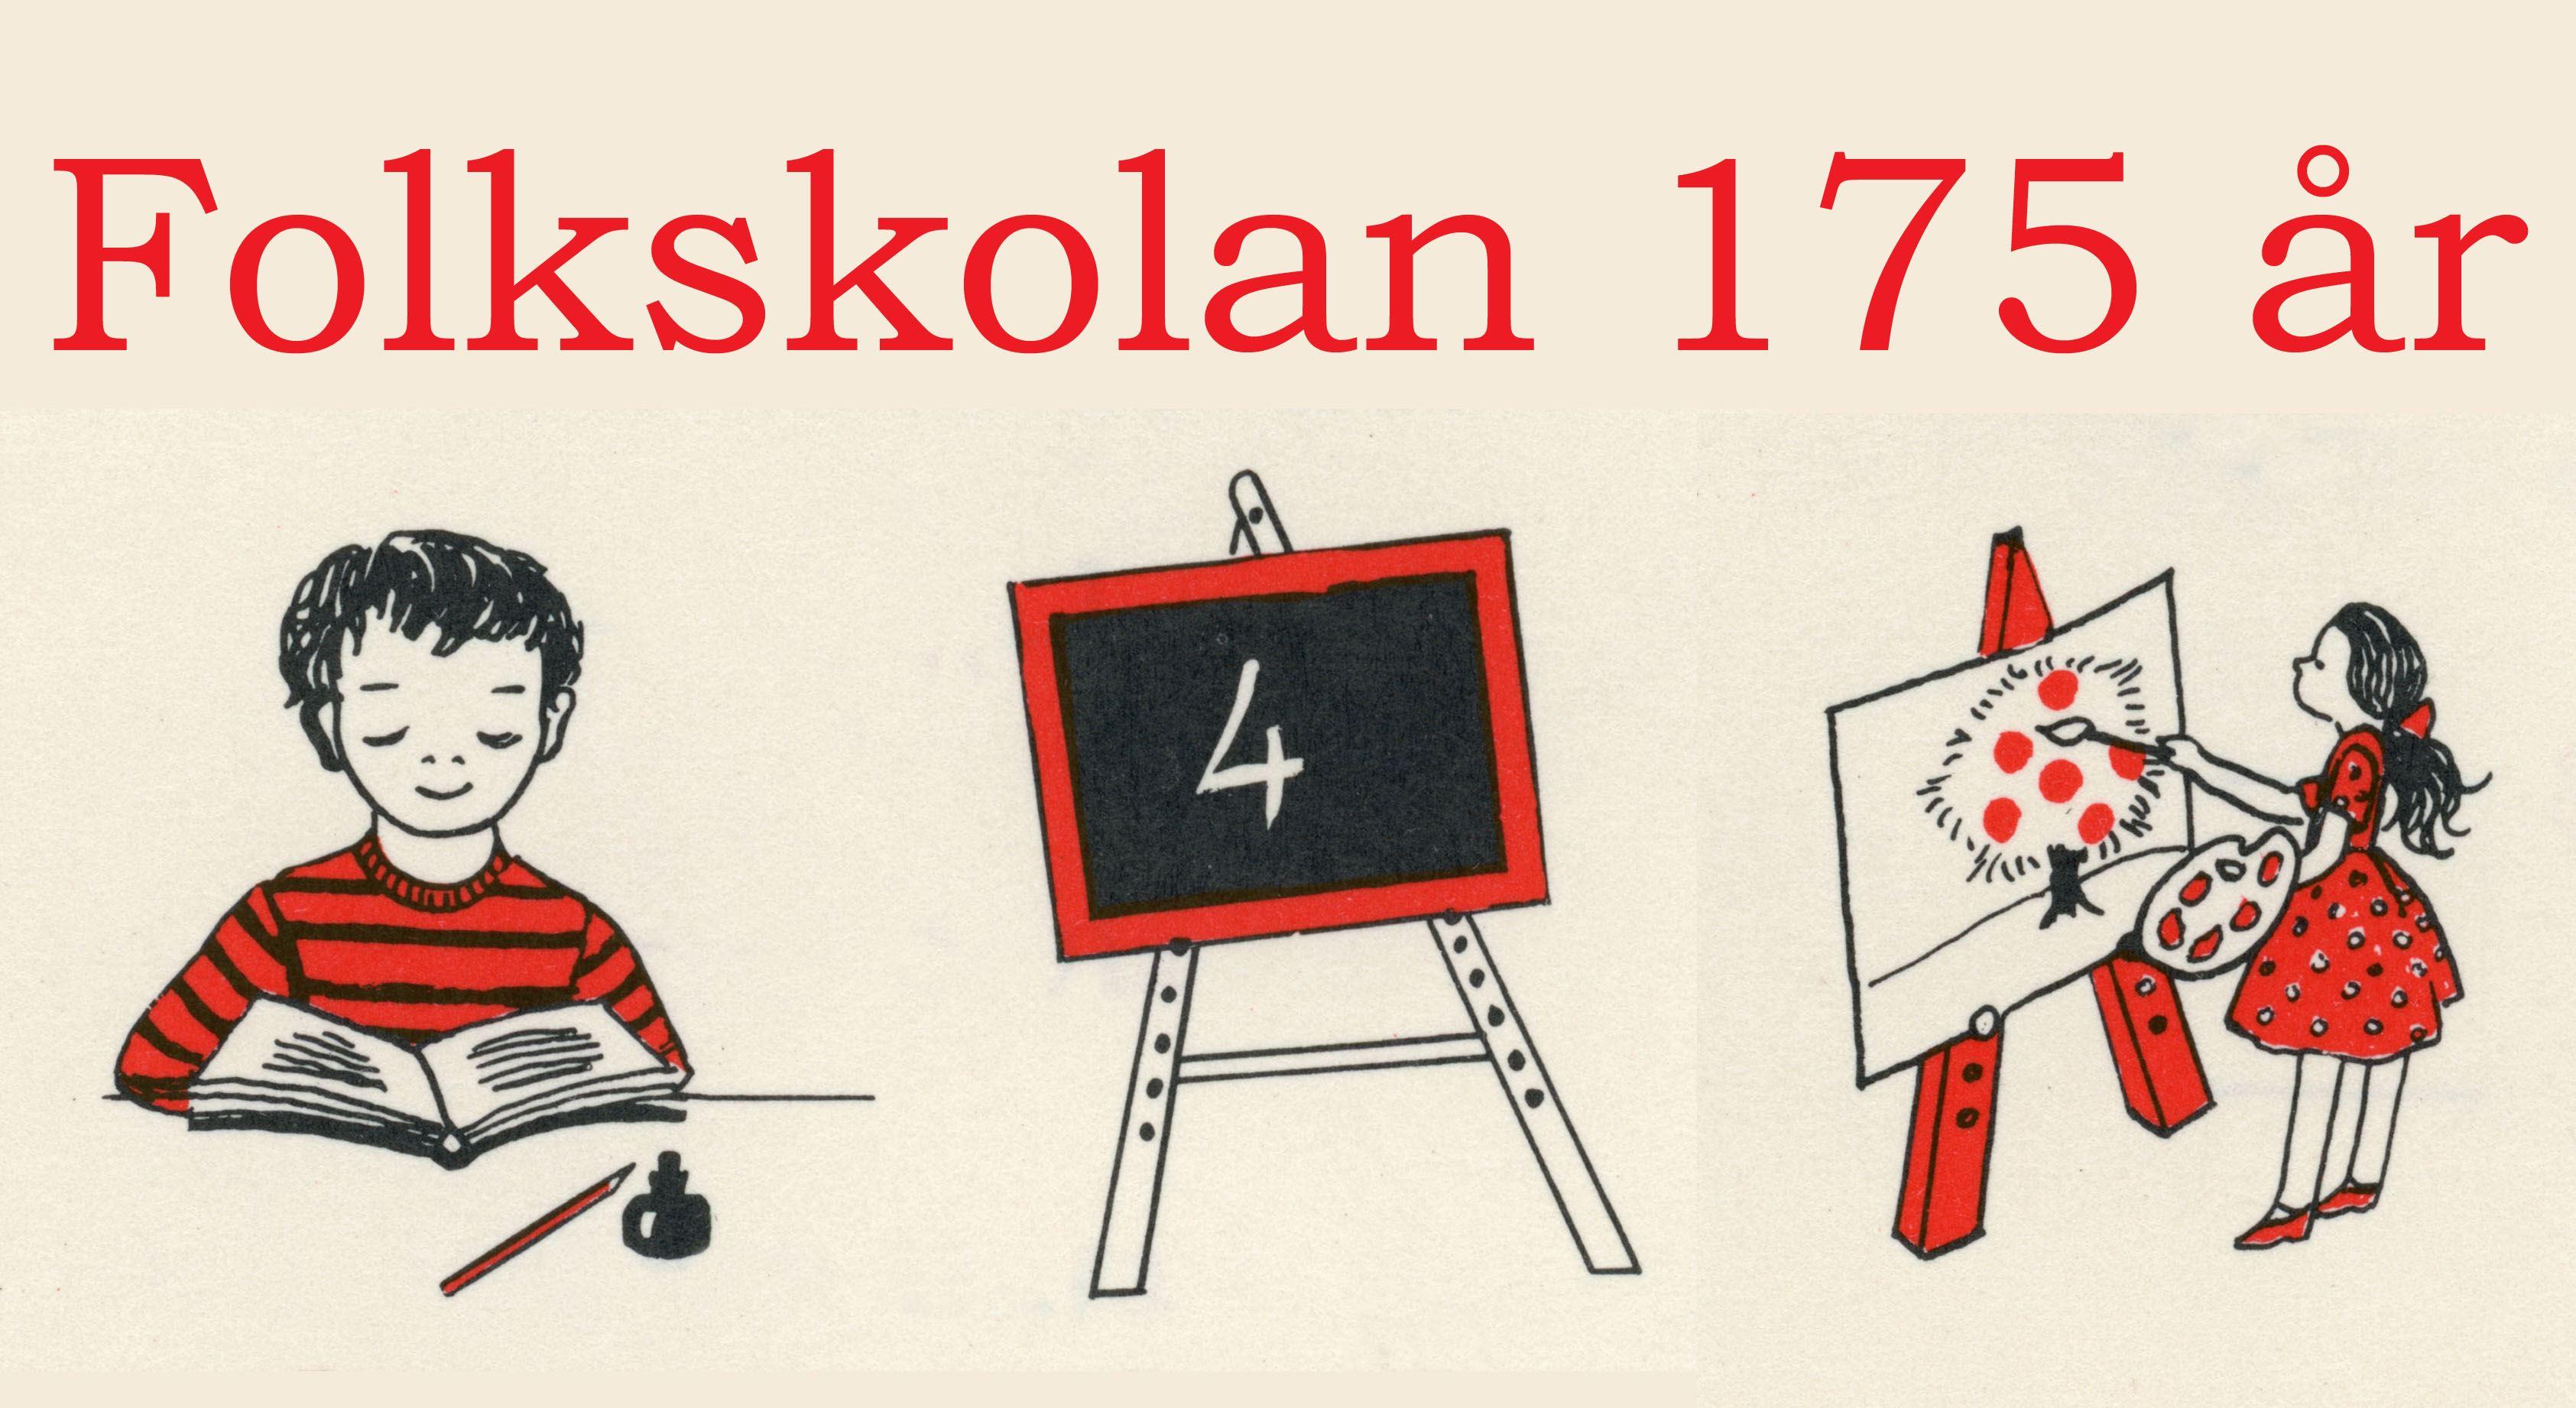 Folkskolan 175 år